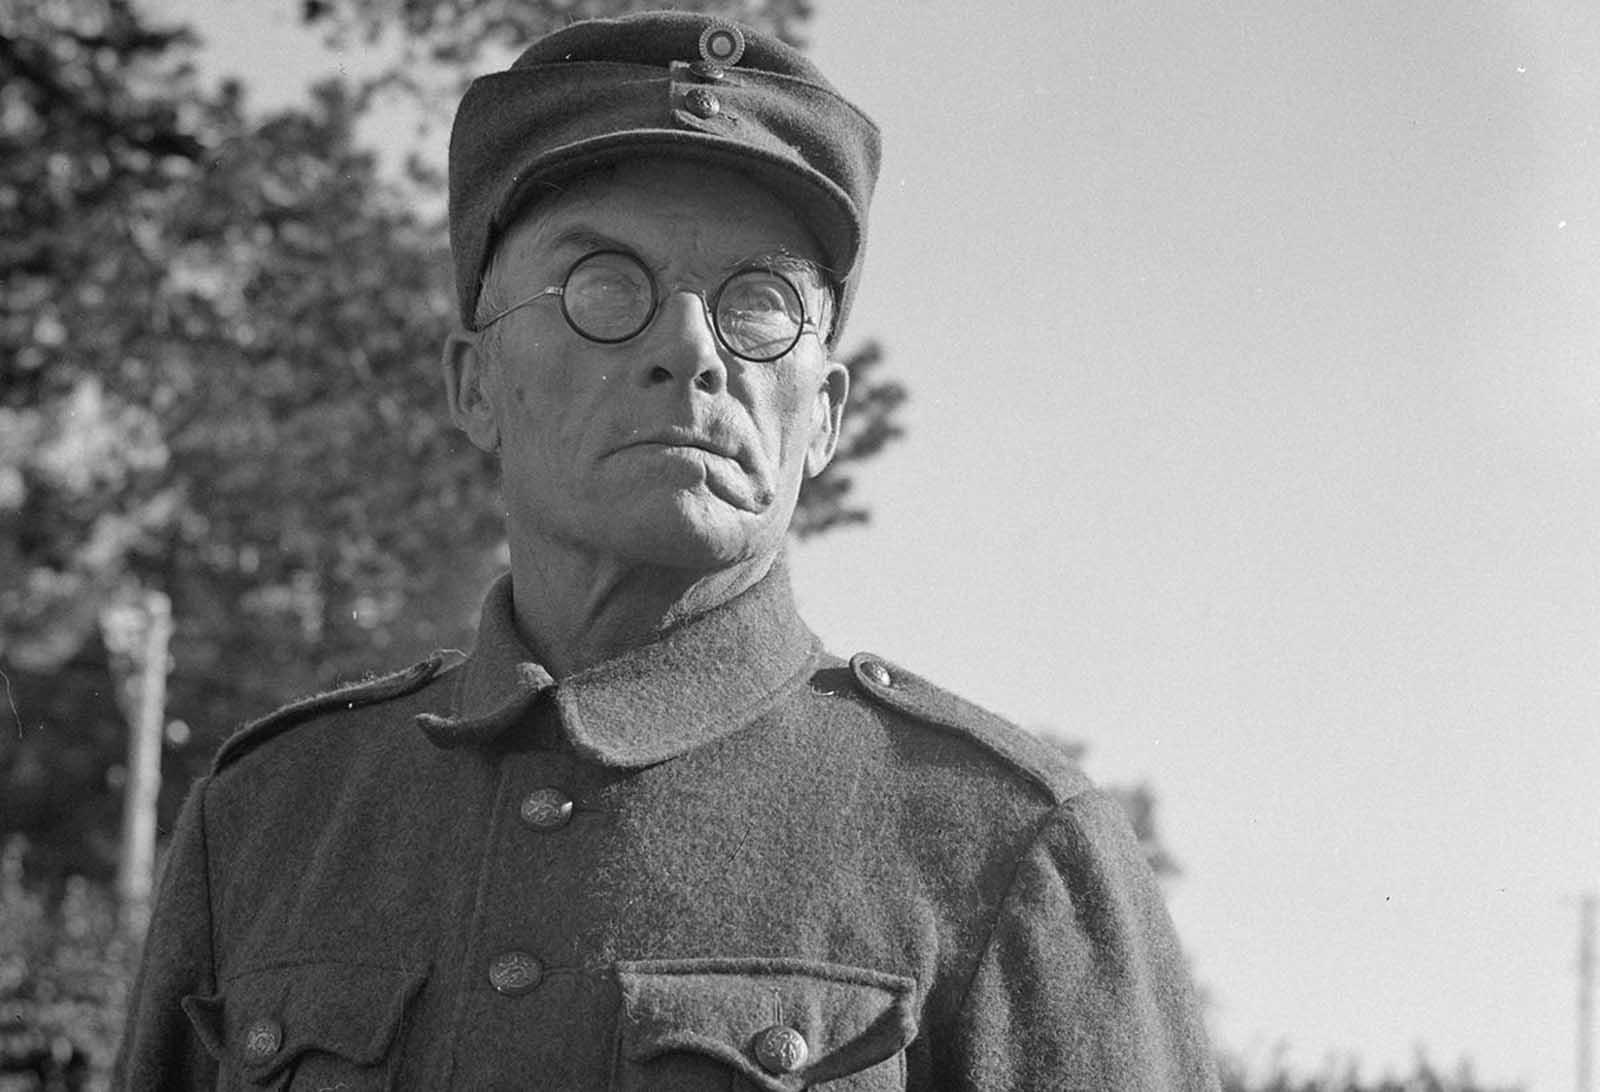 El soldado voluntario finlandés-estadounidense Hyvönen, de 62 años, se dirige al frente, en Mikkeli, Finlandia, el 4 de septiembre de 1941.